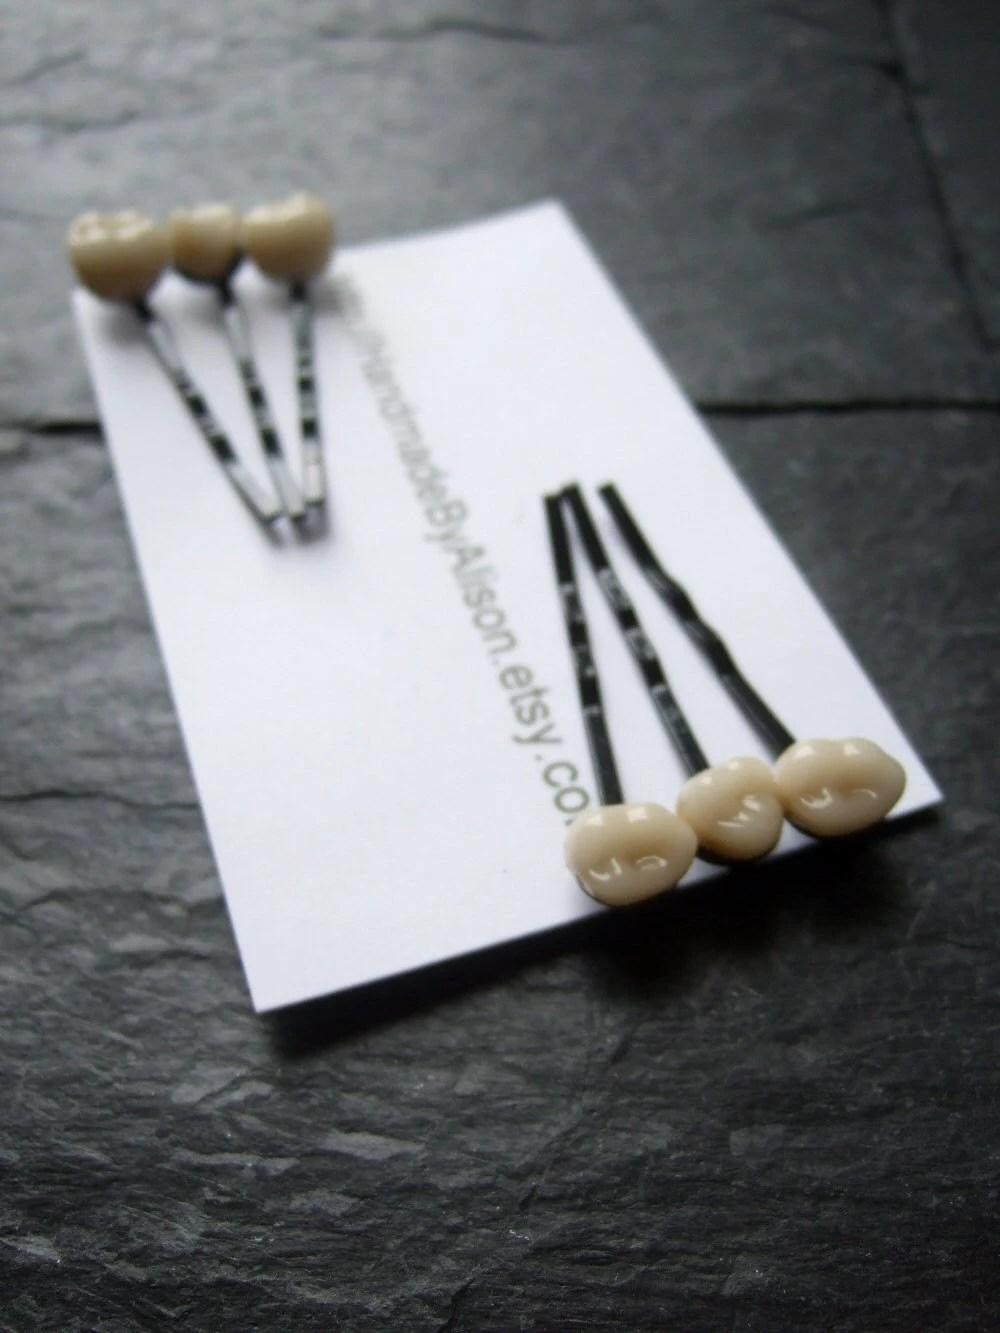 Horrid Hair Pins